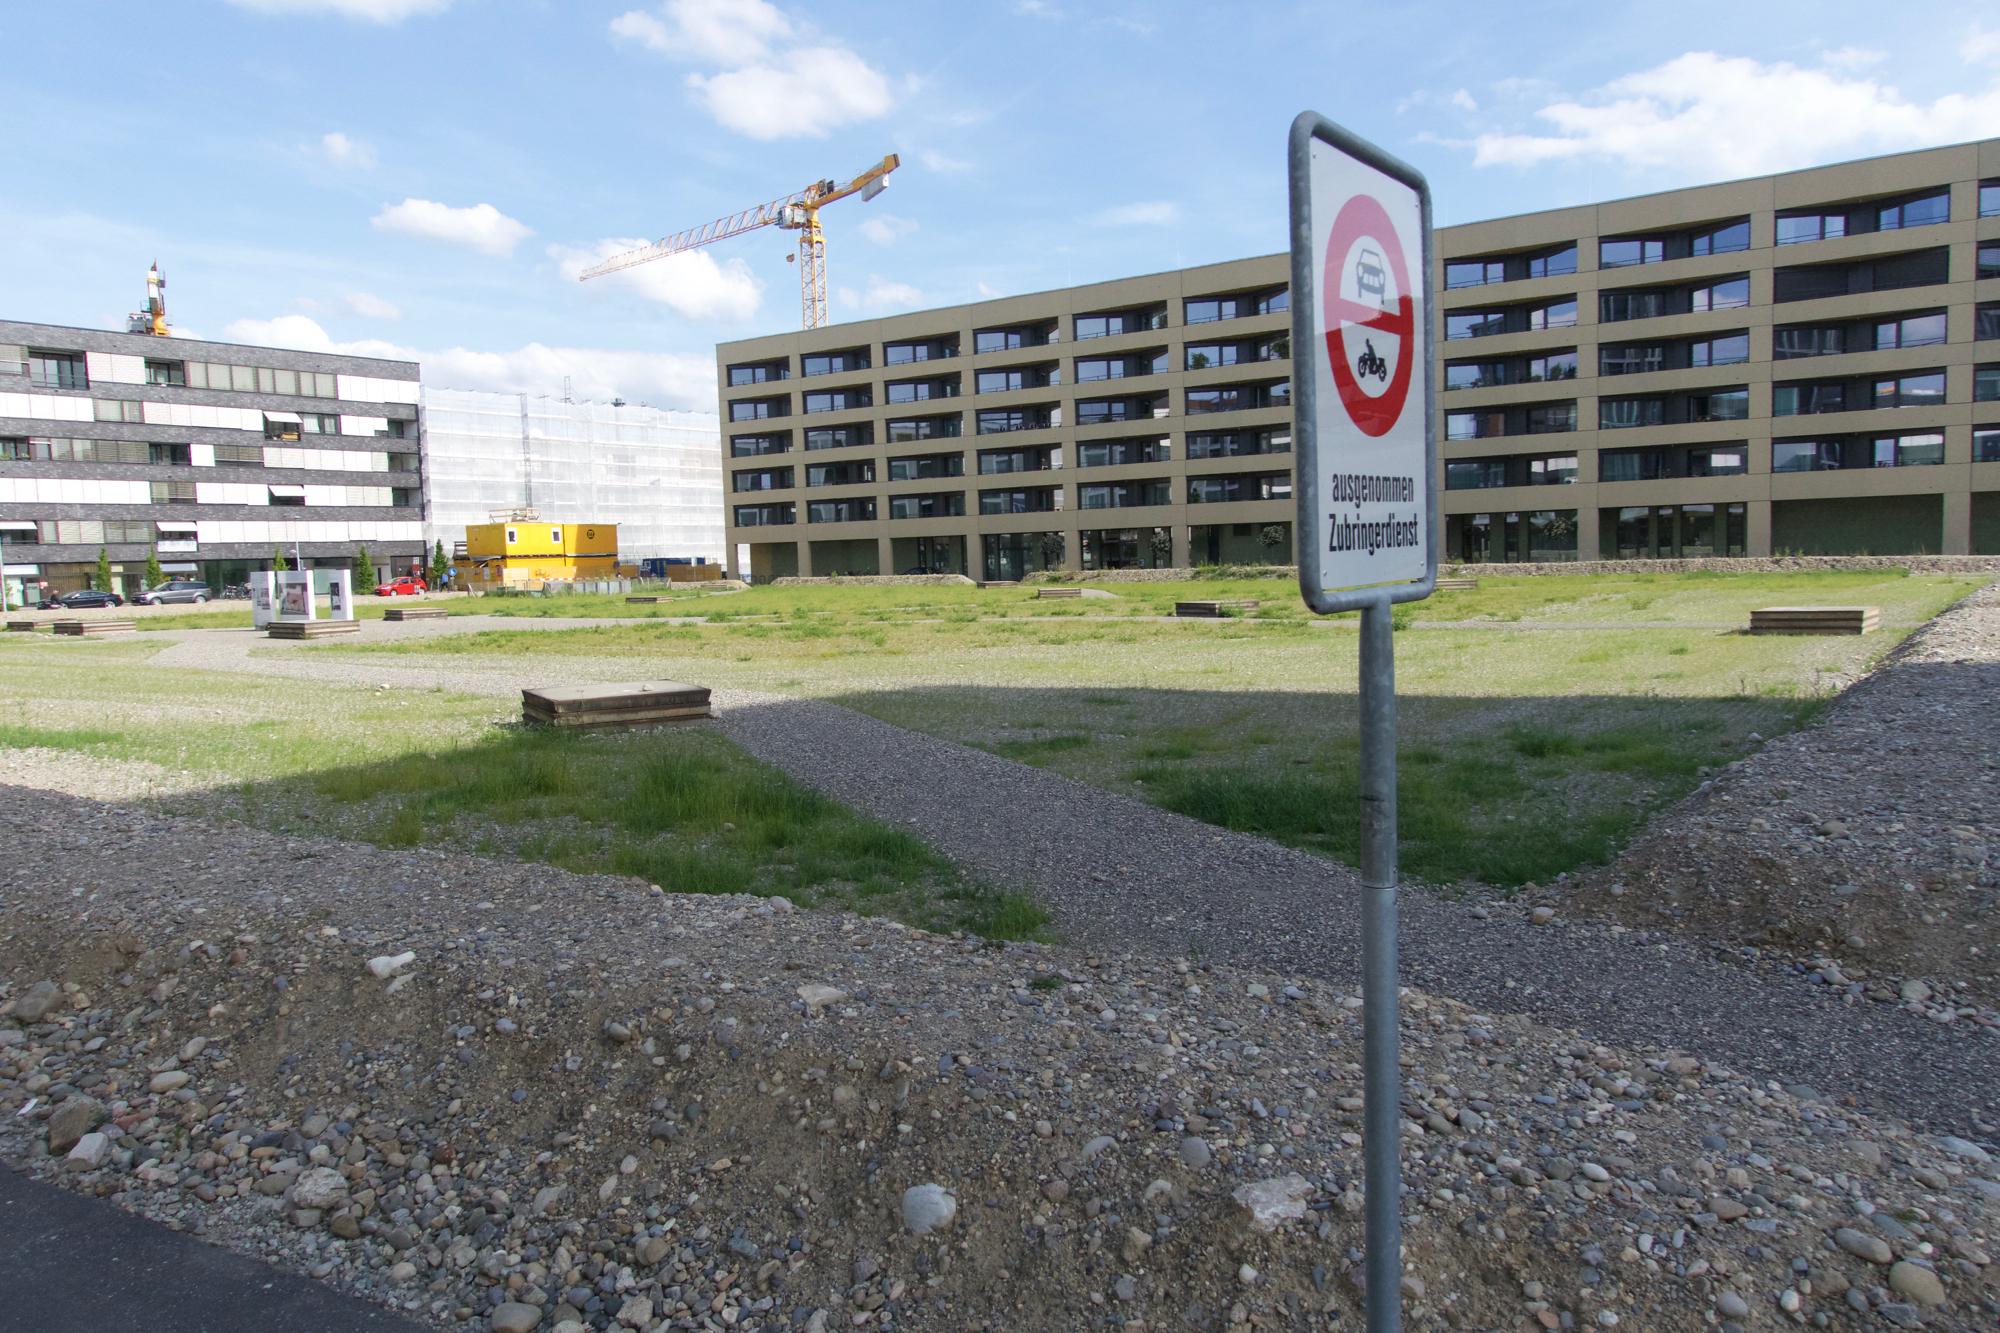 Der Max-Kämpf-Platz ist noch eine gute Zeit lang nicht wirklich das einladende Herz des Quartiers.